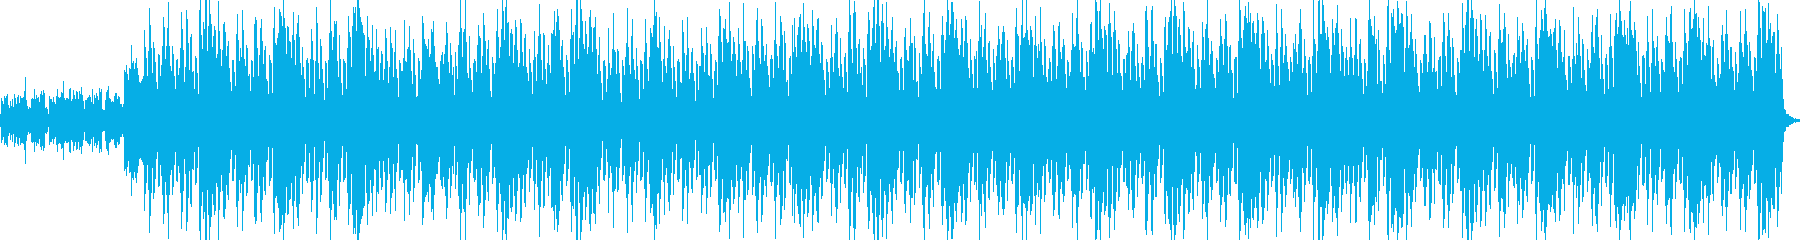 レトロ イギリスのアンダーグラウン...の再生済みの波形